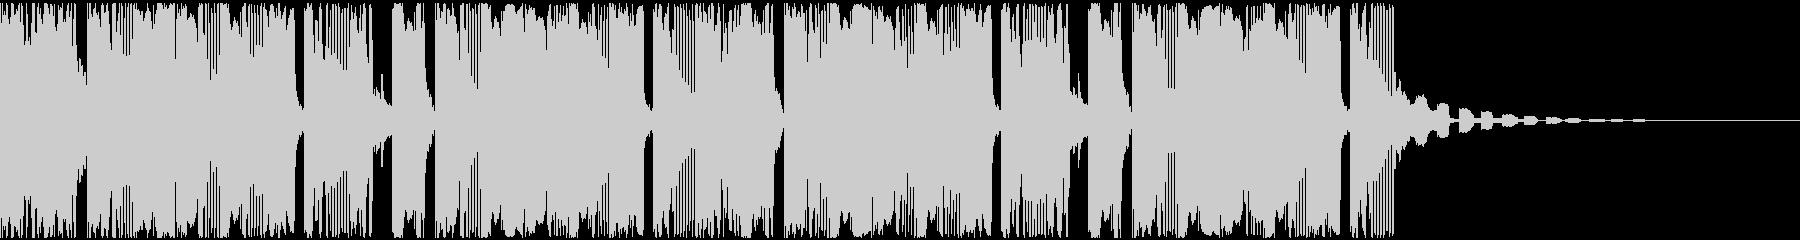 【アンビエント】ロング2、ショート6の未再生の波形